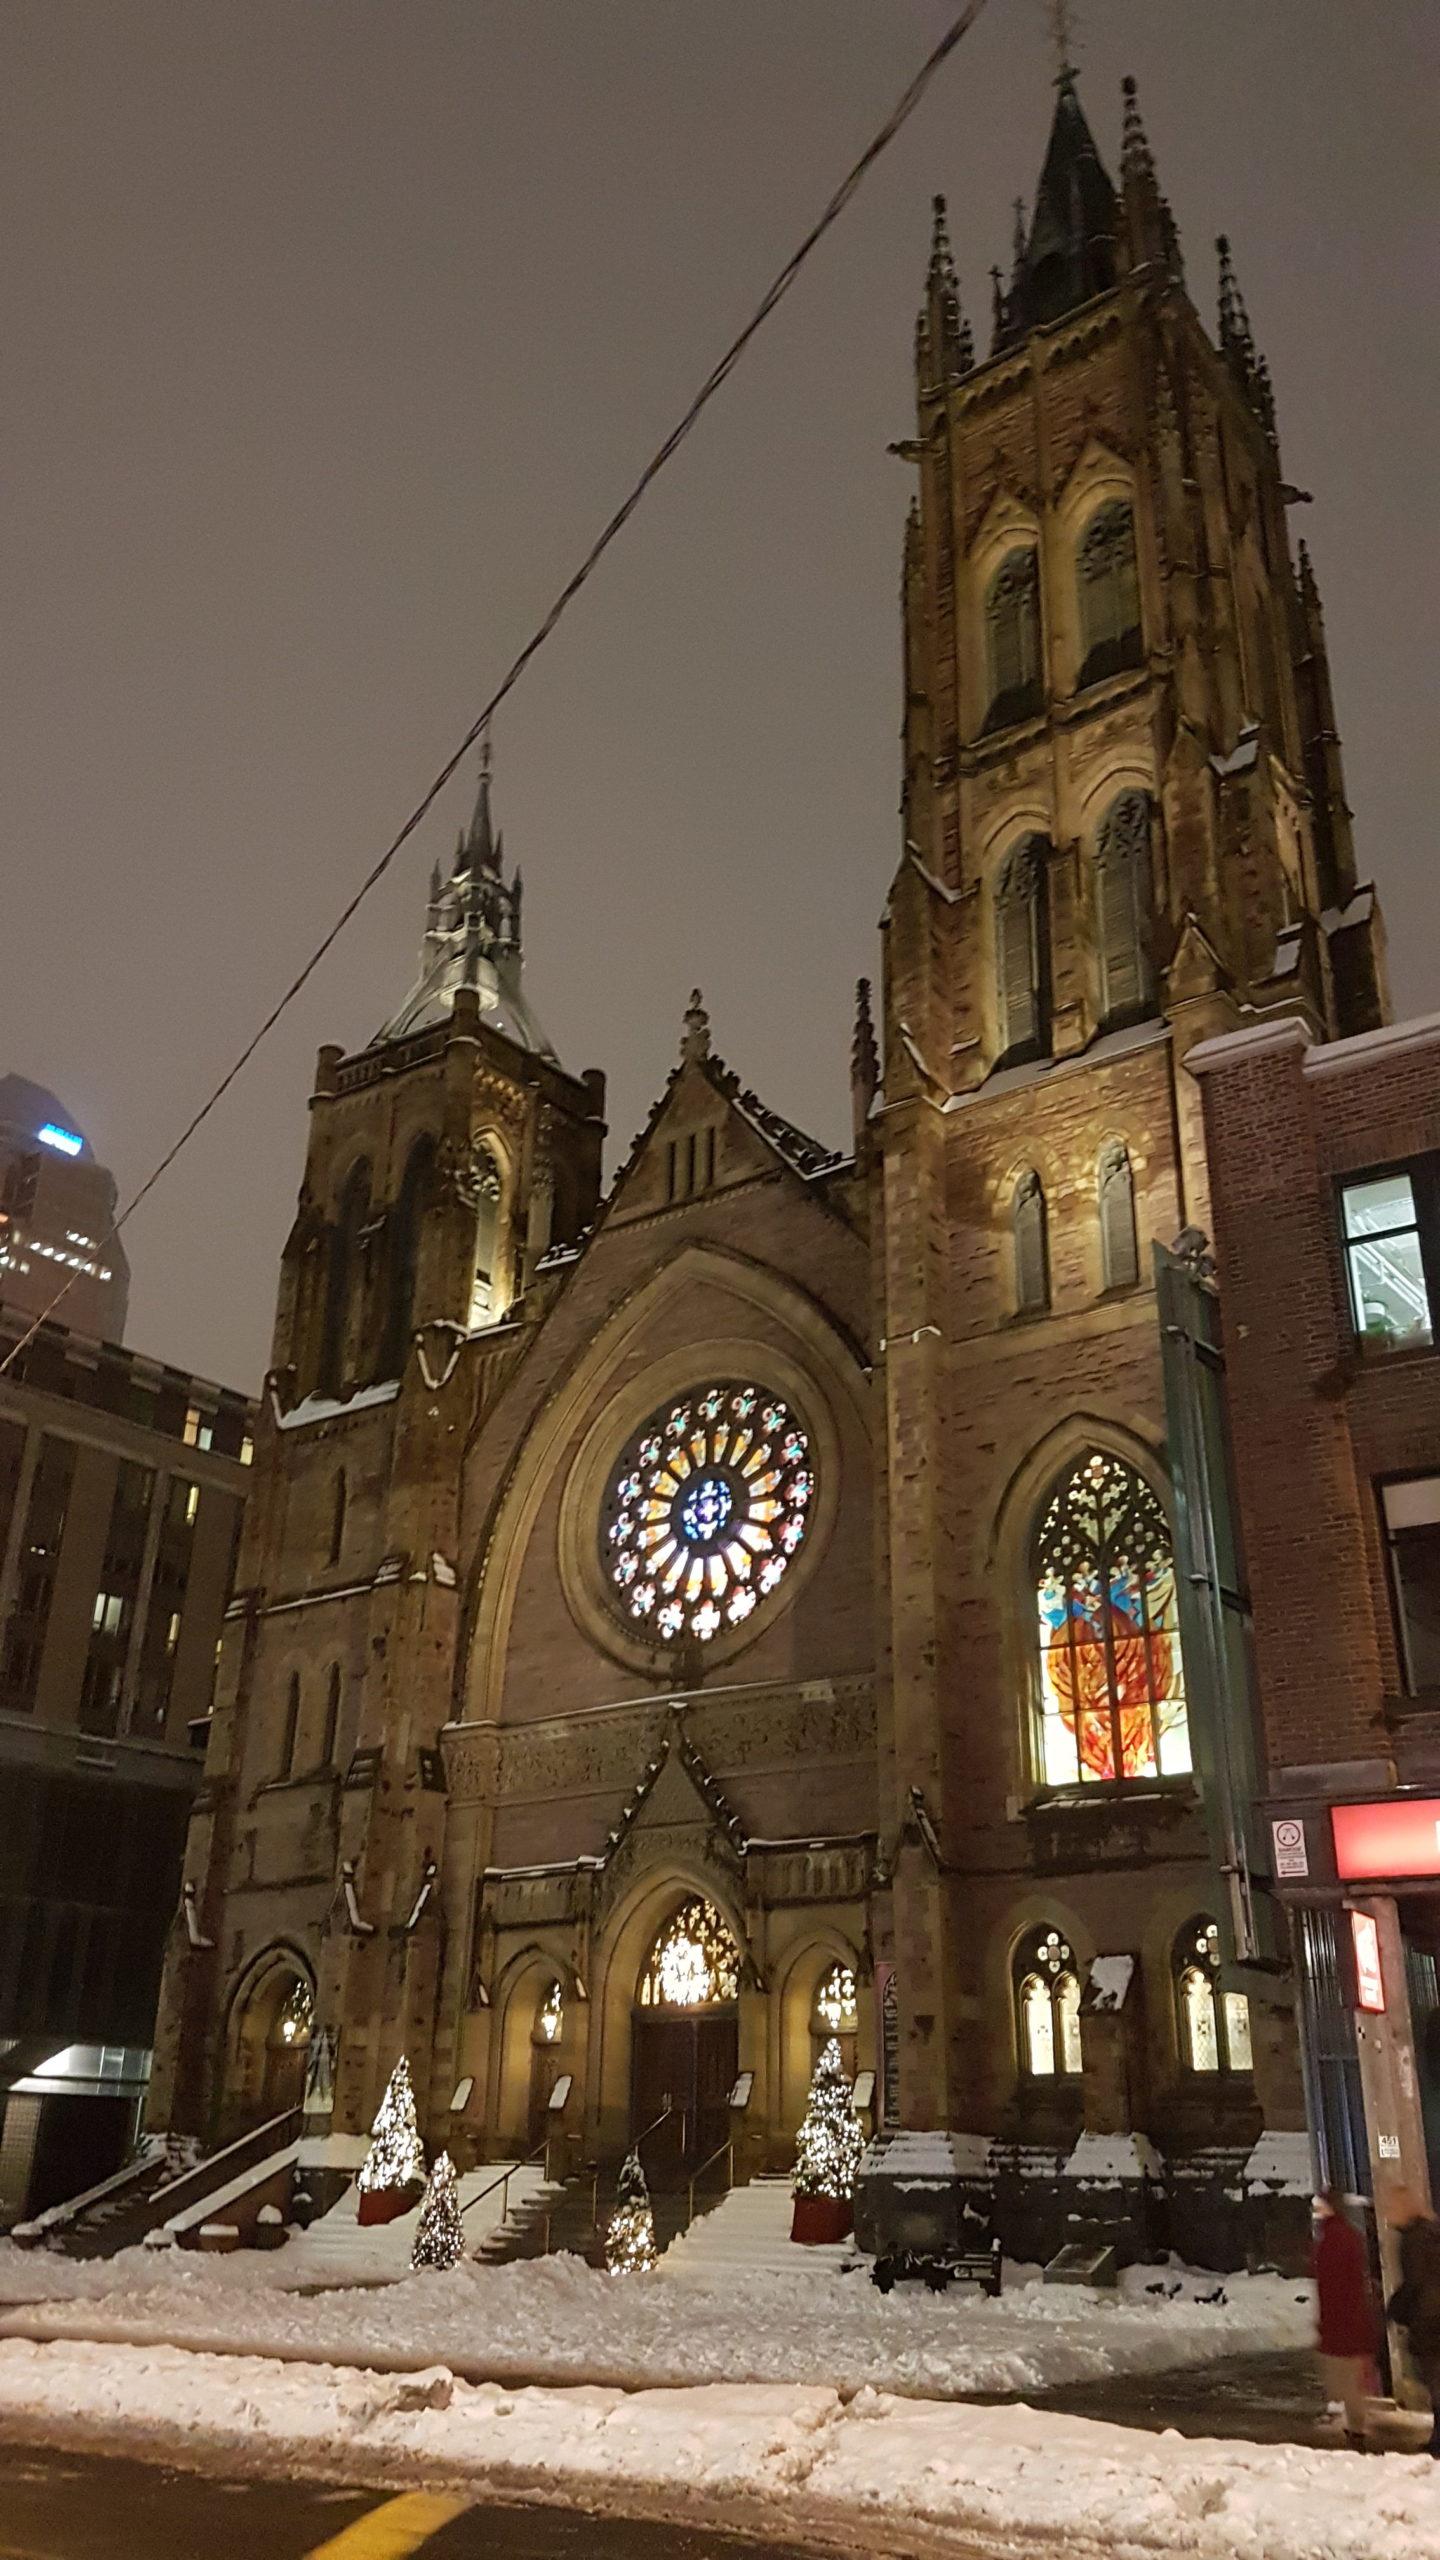 Une église dans Montréal lorsque le jour tombe.